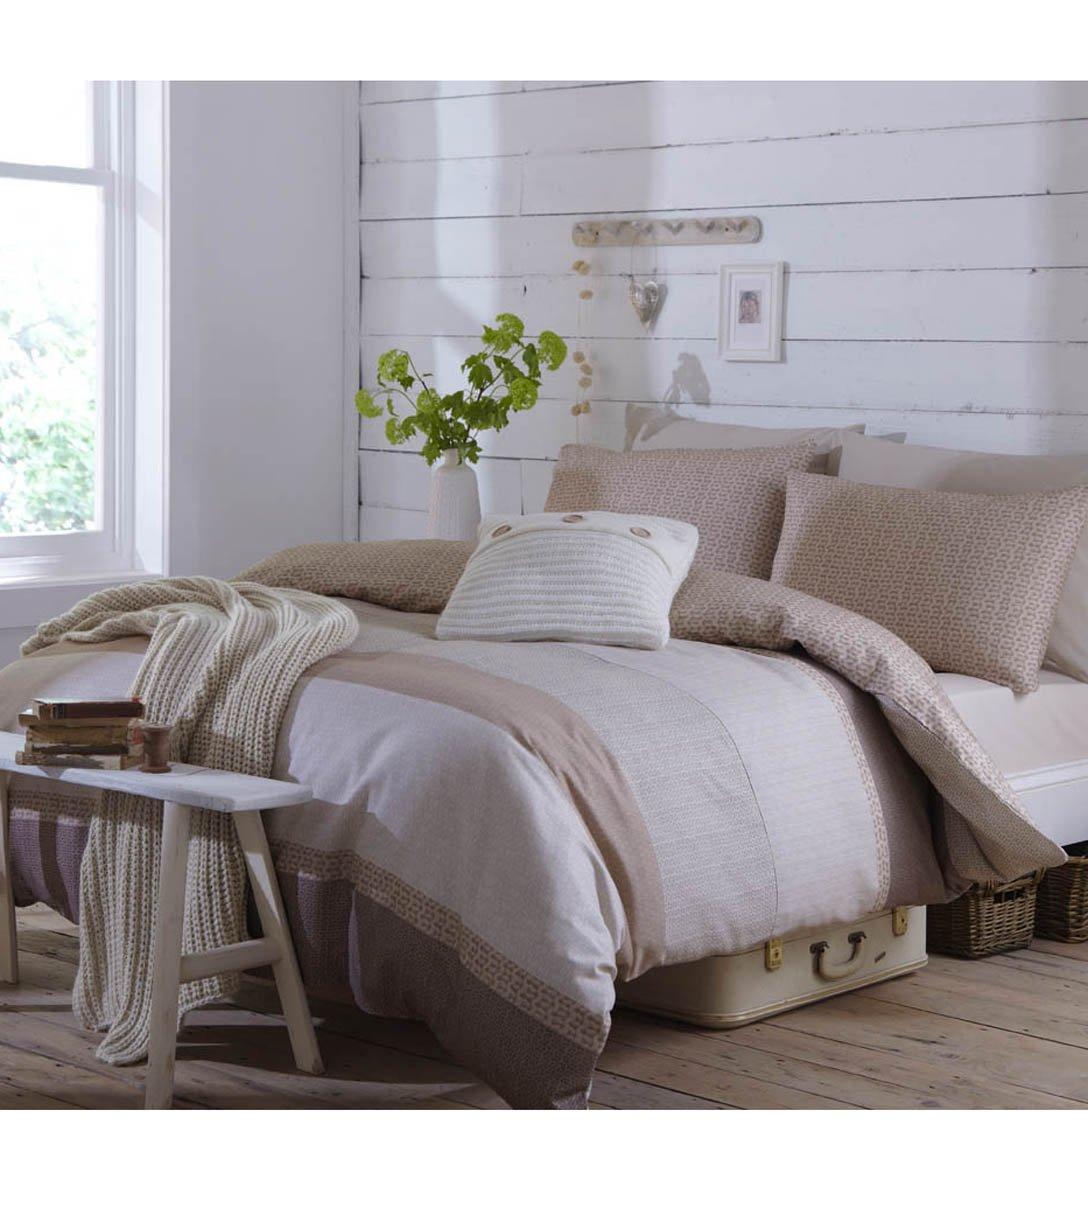 bettdecken haltbarkeit schlafzimmer set h ffner musterring minto daunen bettdecken dunkelblau. Black Bedroom Furniture Sets. Home Design Ideas